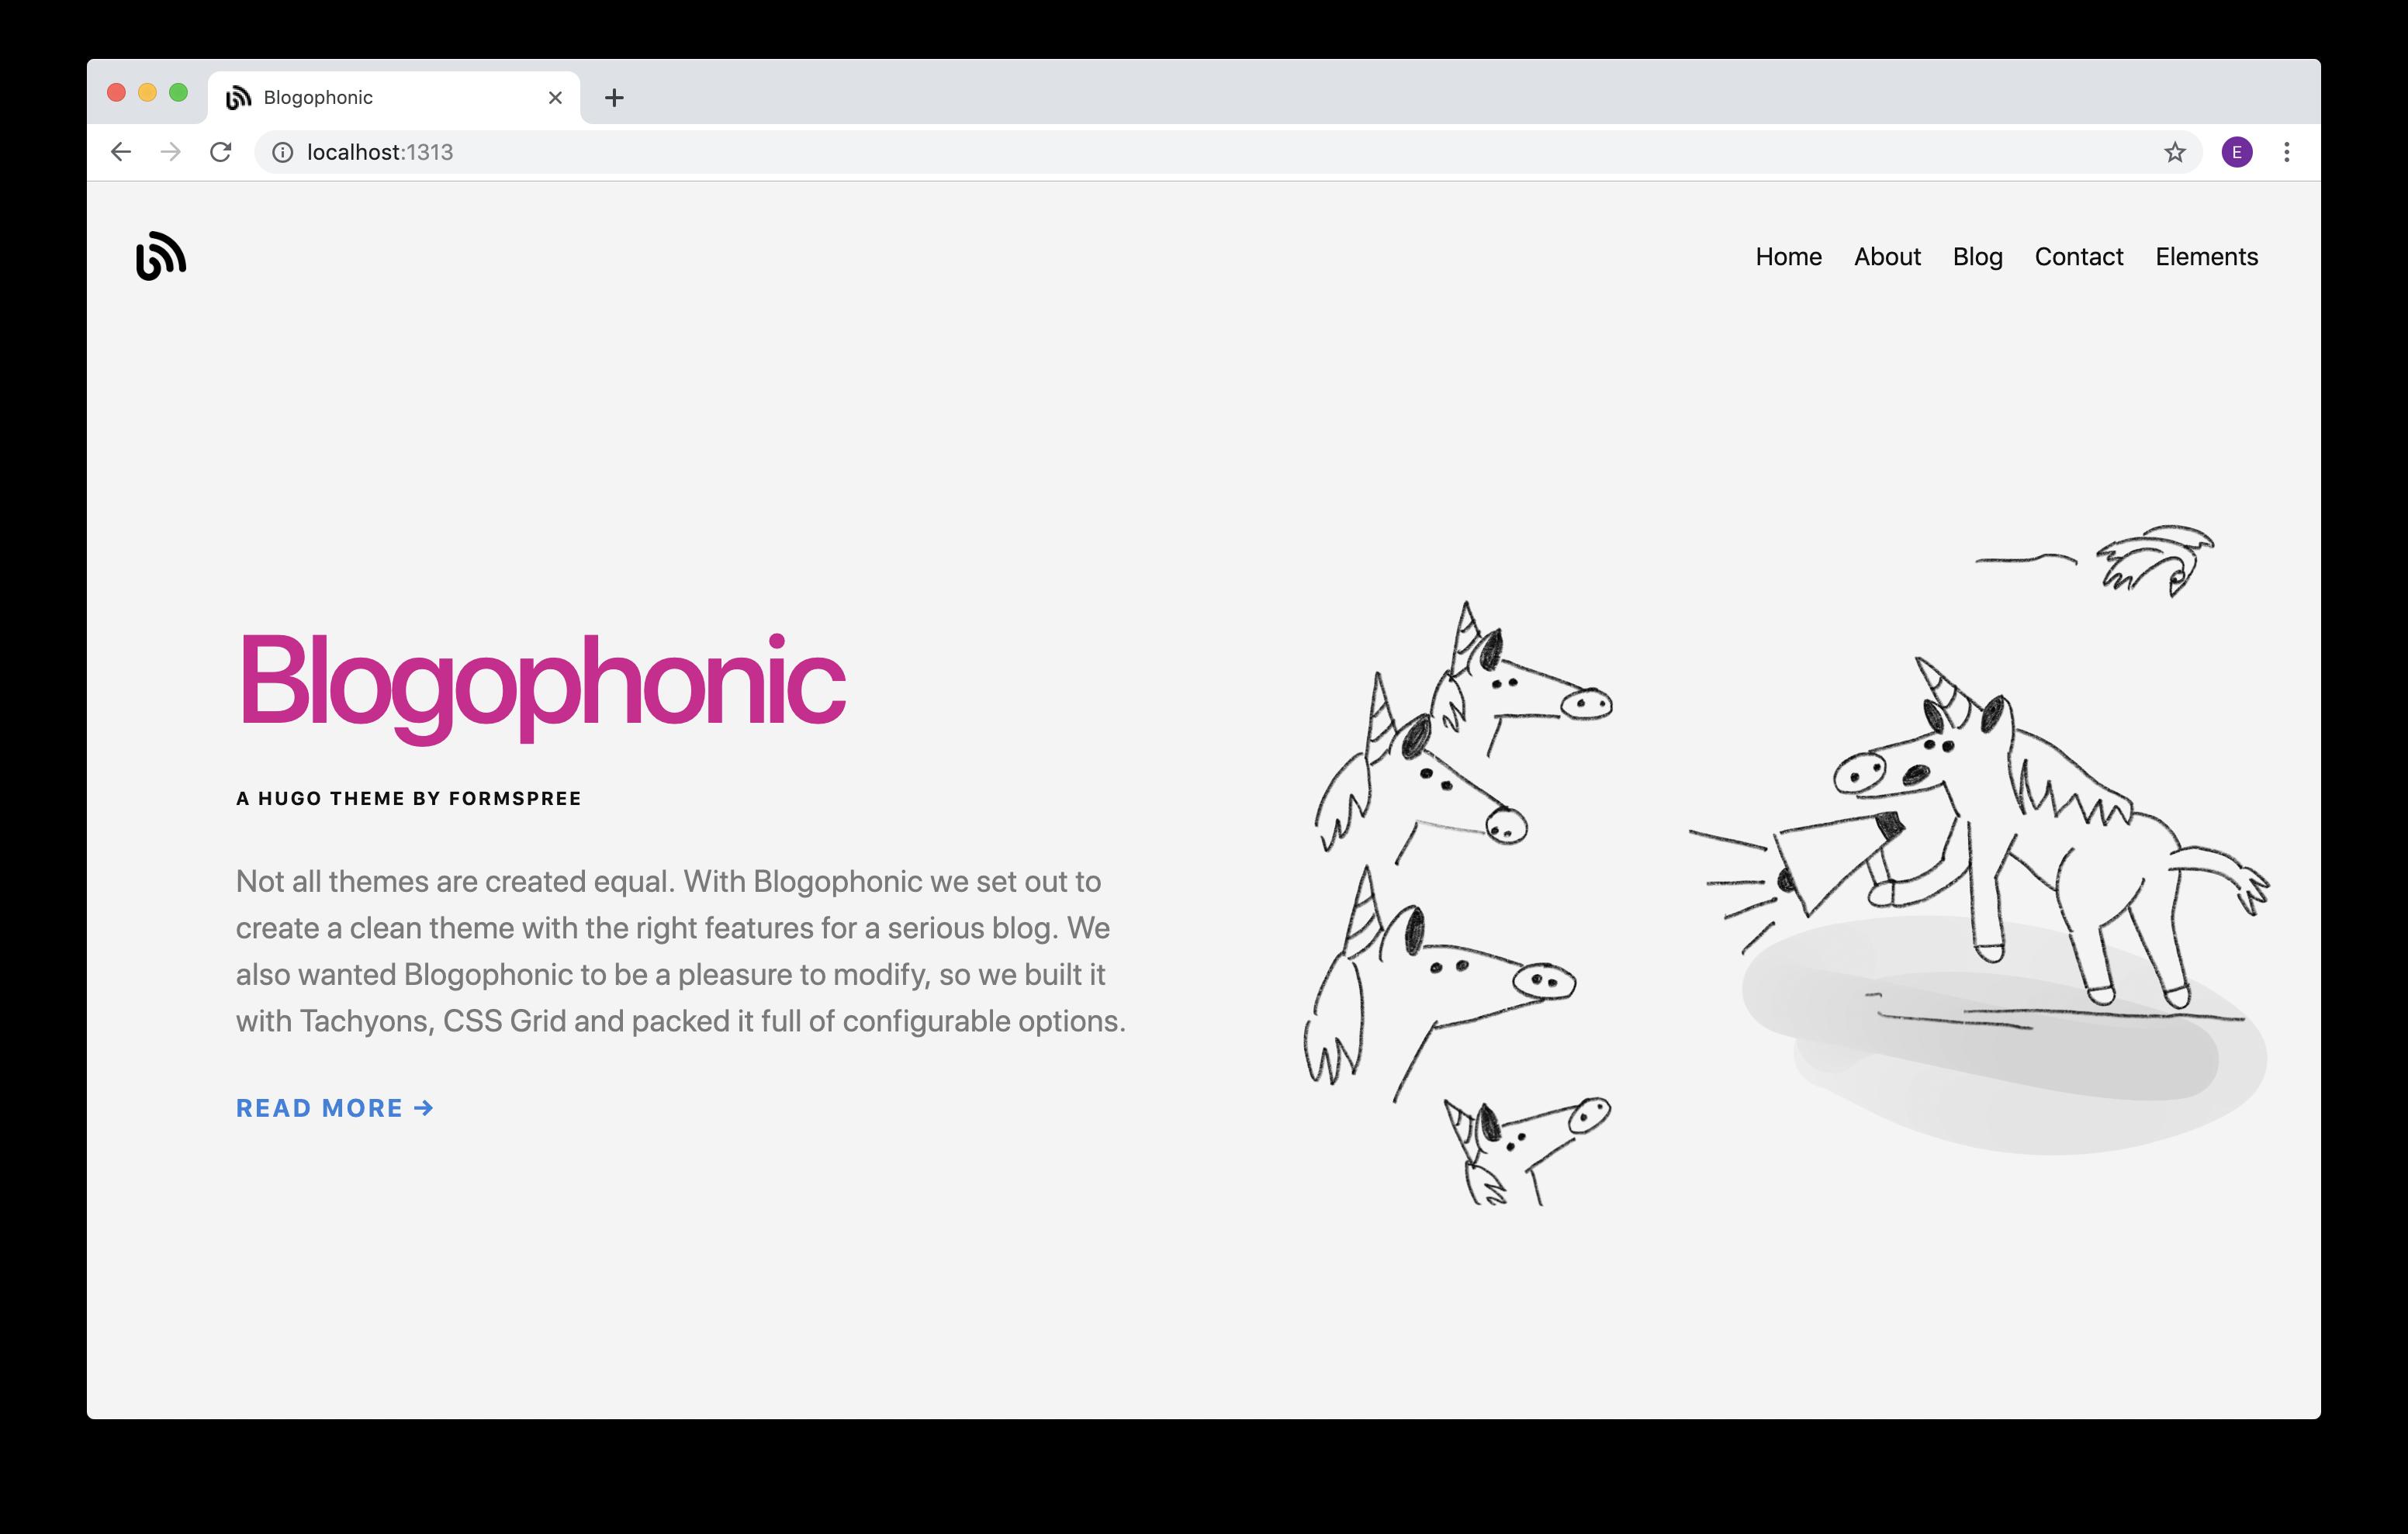 blogophonic-hugo